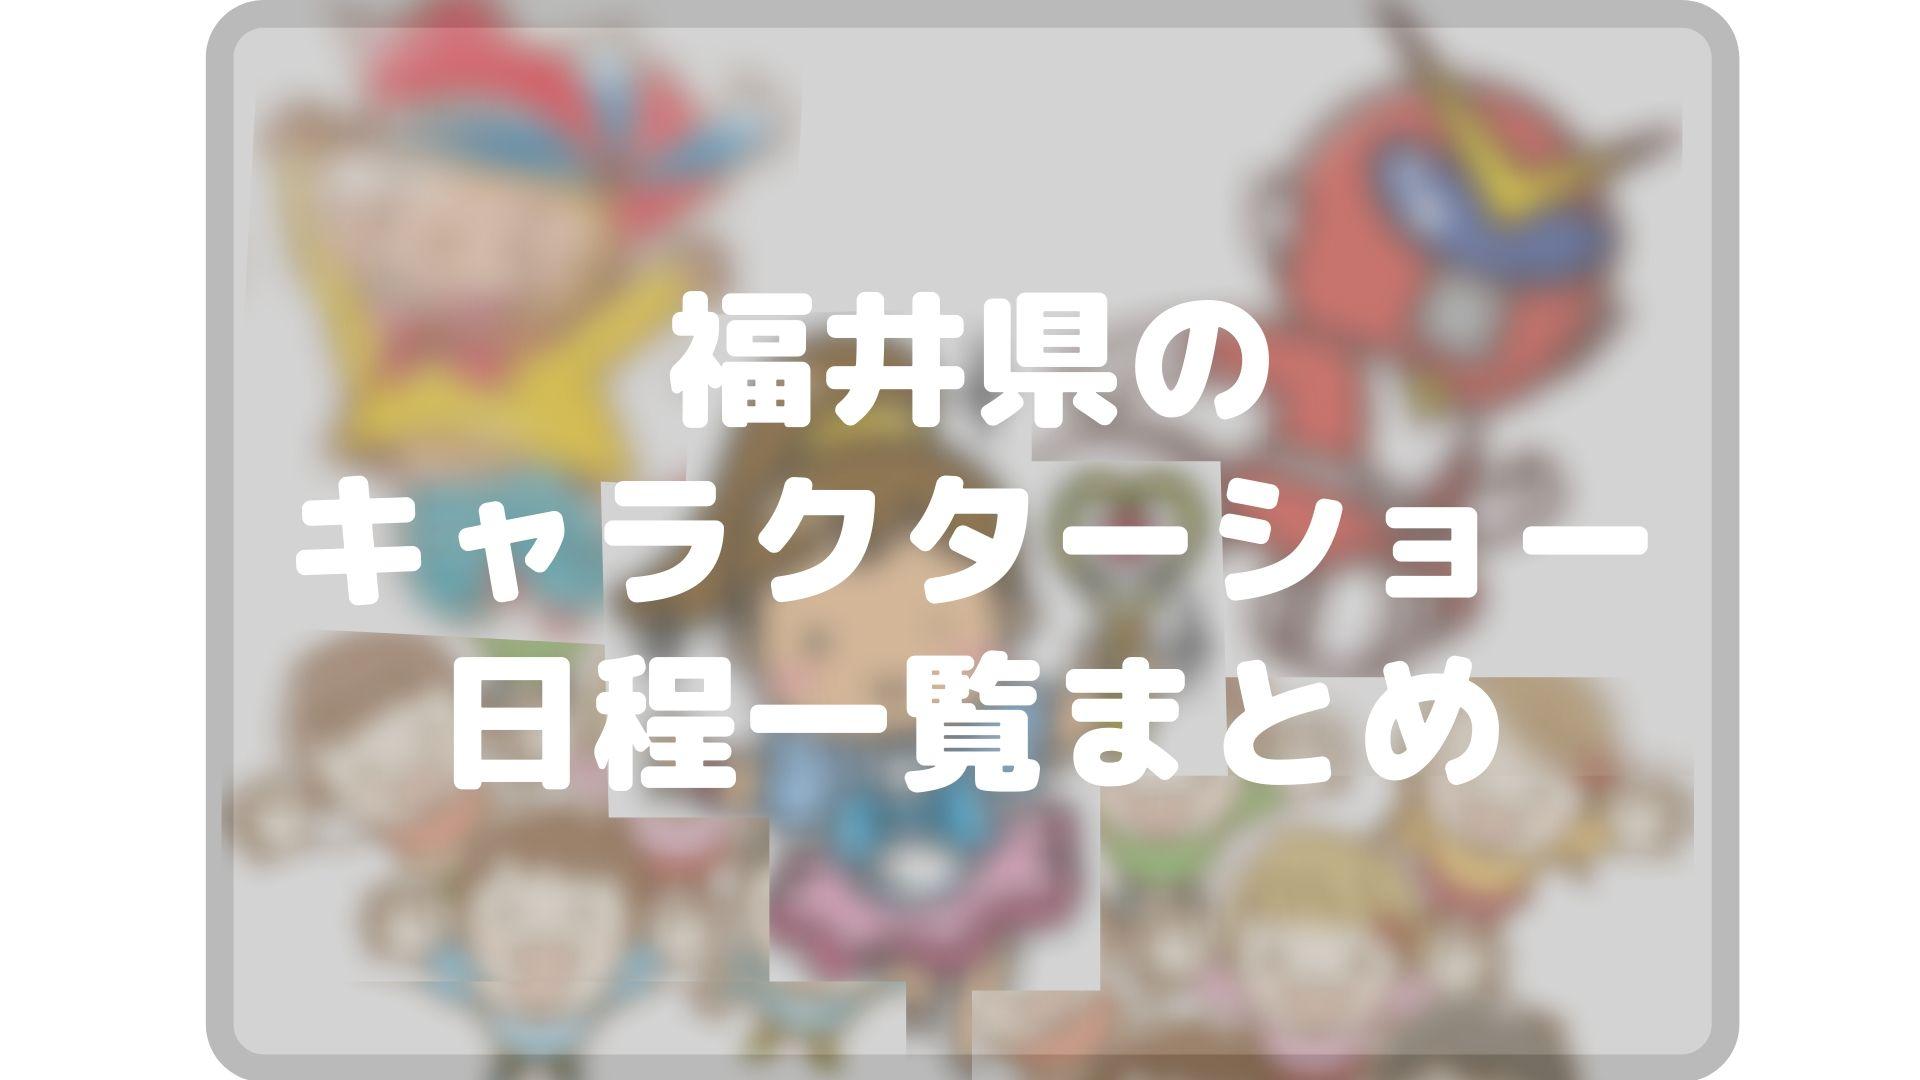 福井県のキャラクターショーまとめタイトル画像